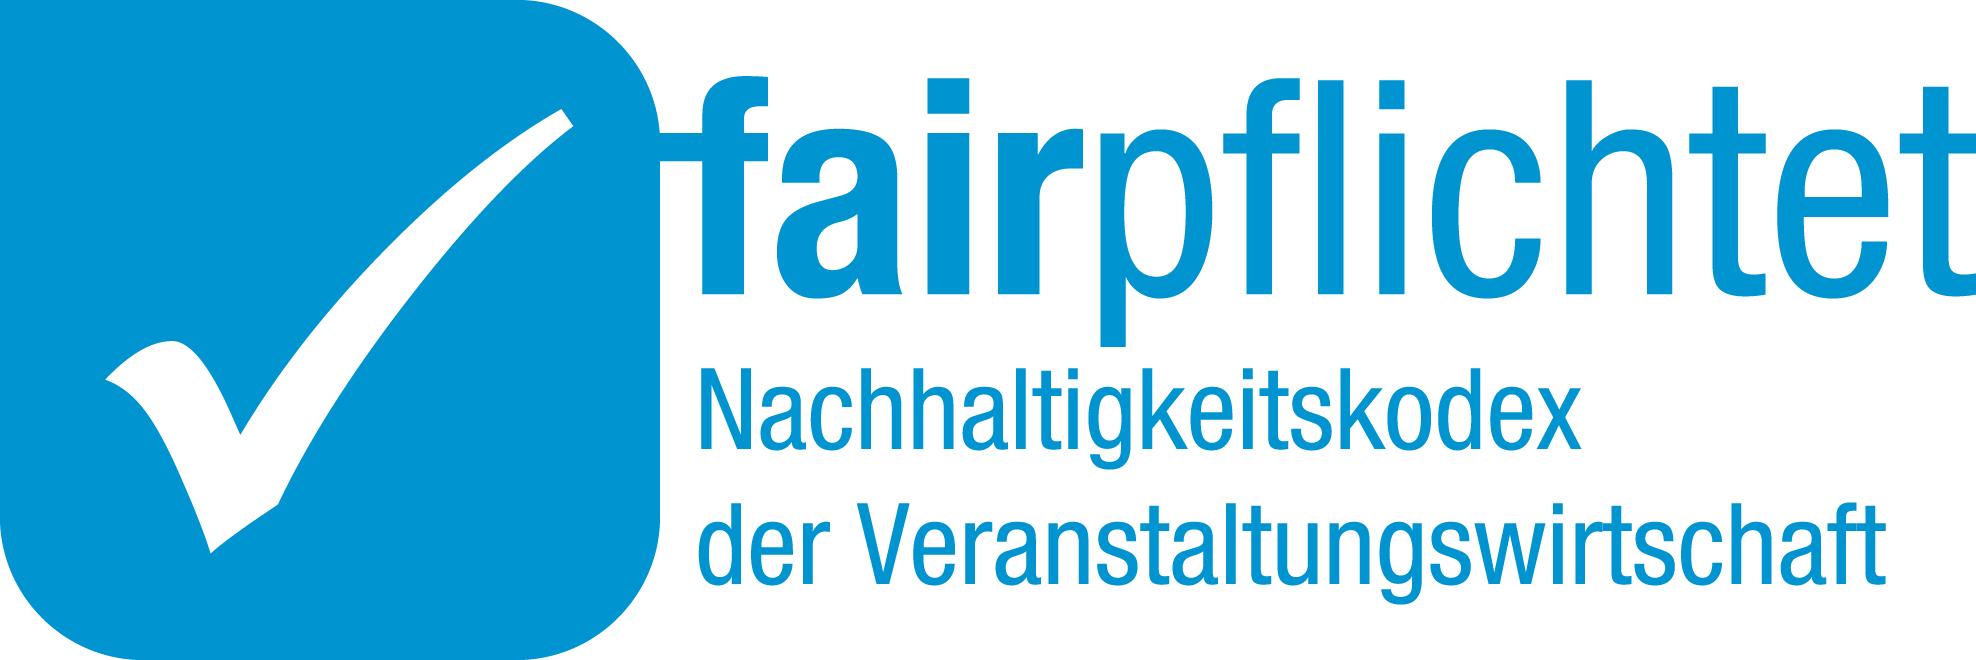 fairpflichtet Logo